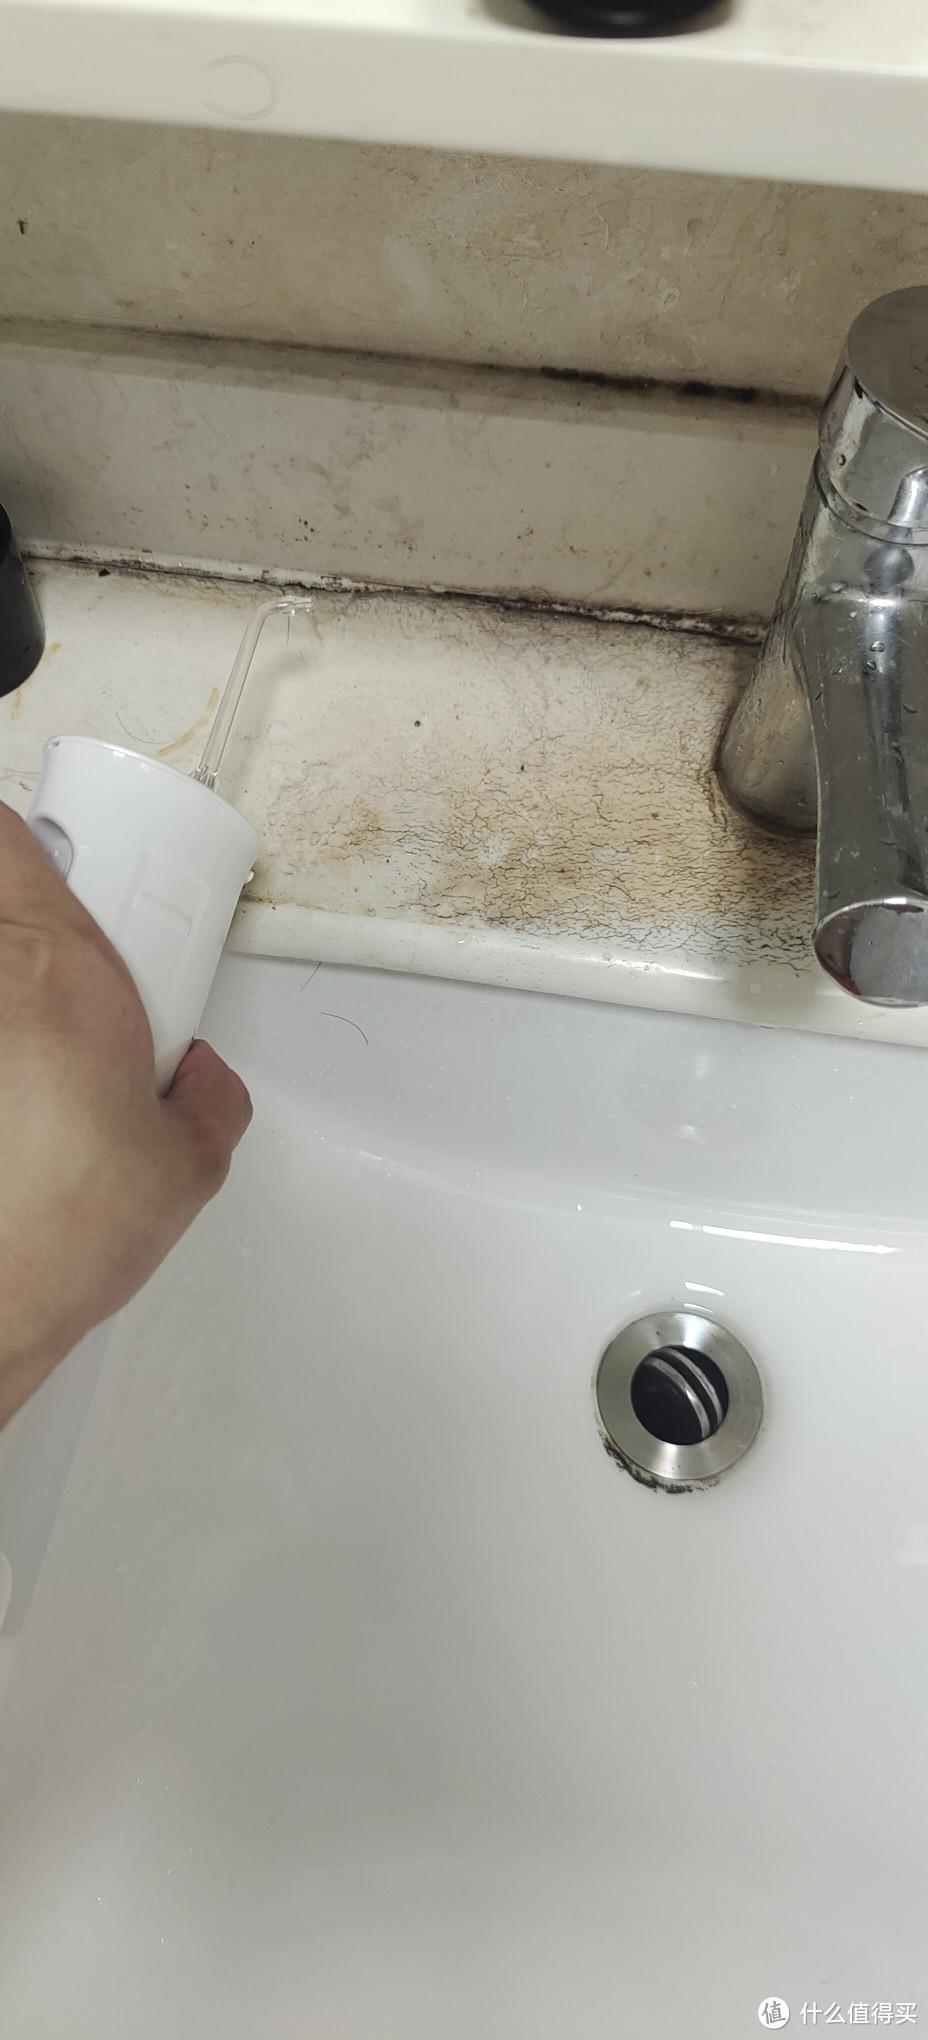 两节5号电池 3v压力非常一般 对于洗手台污垢毫无办法